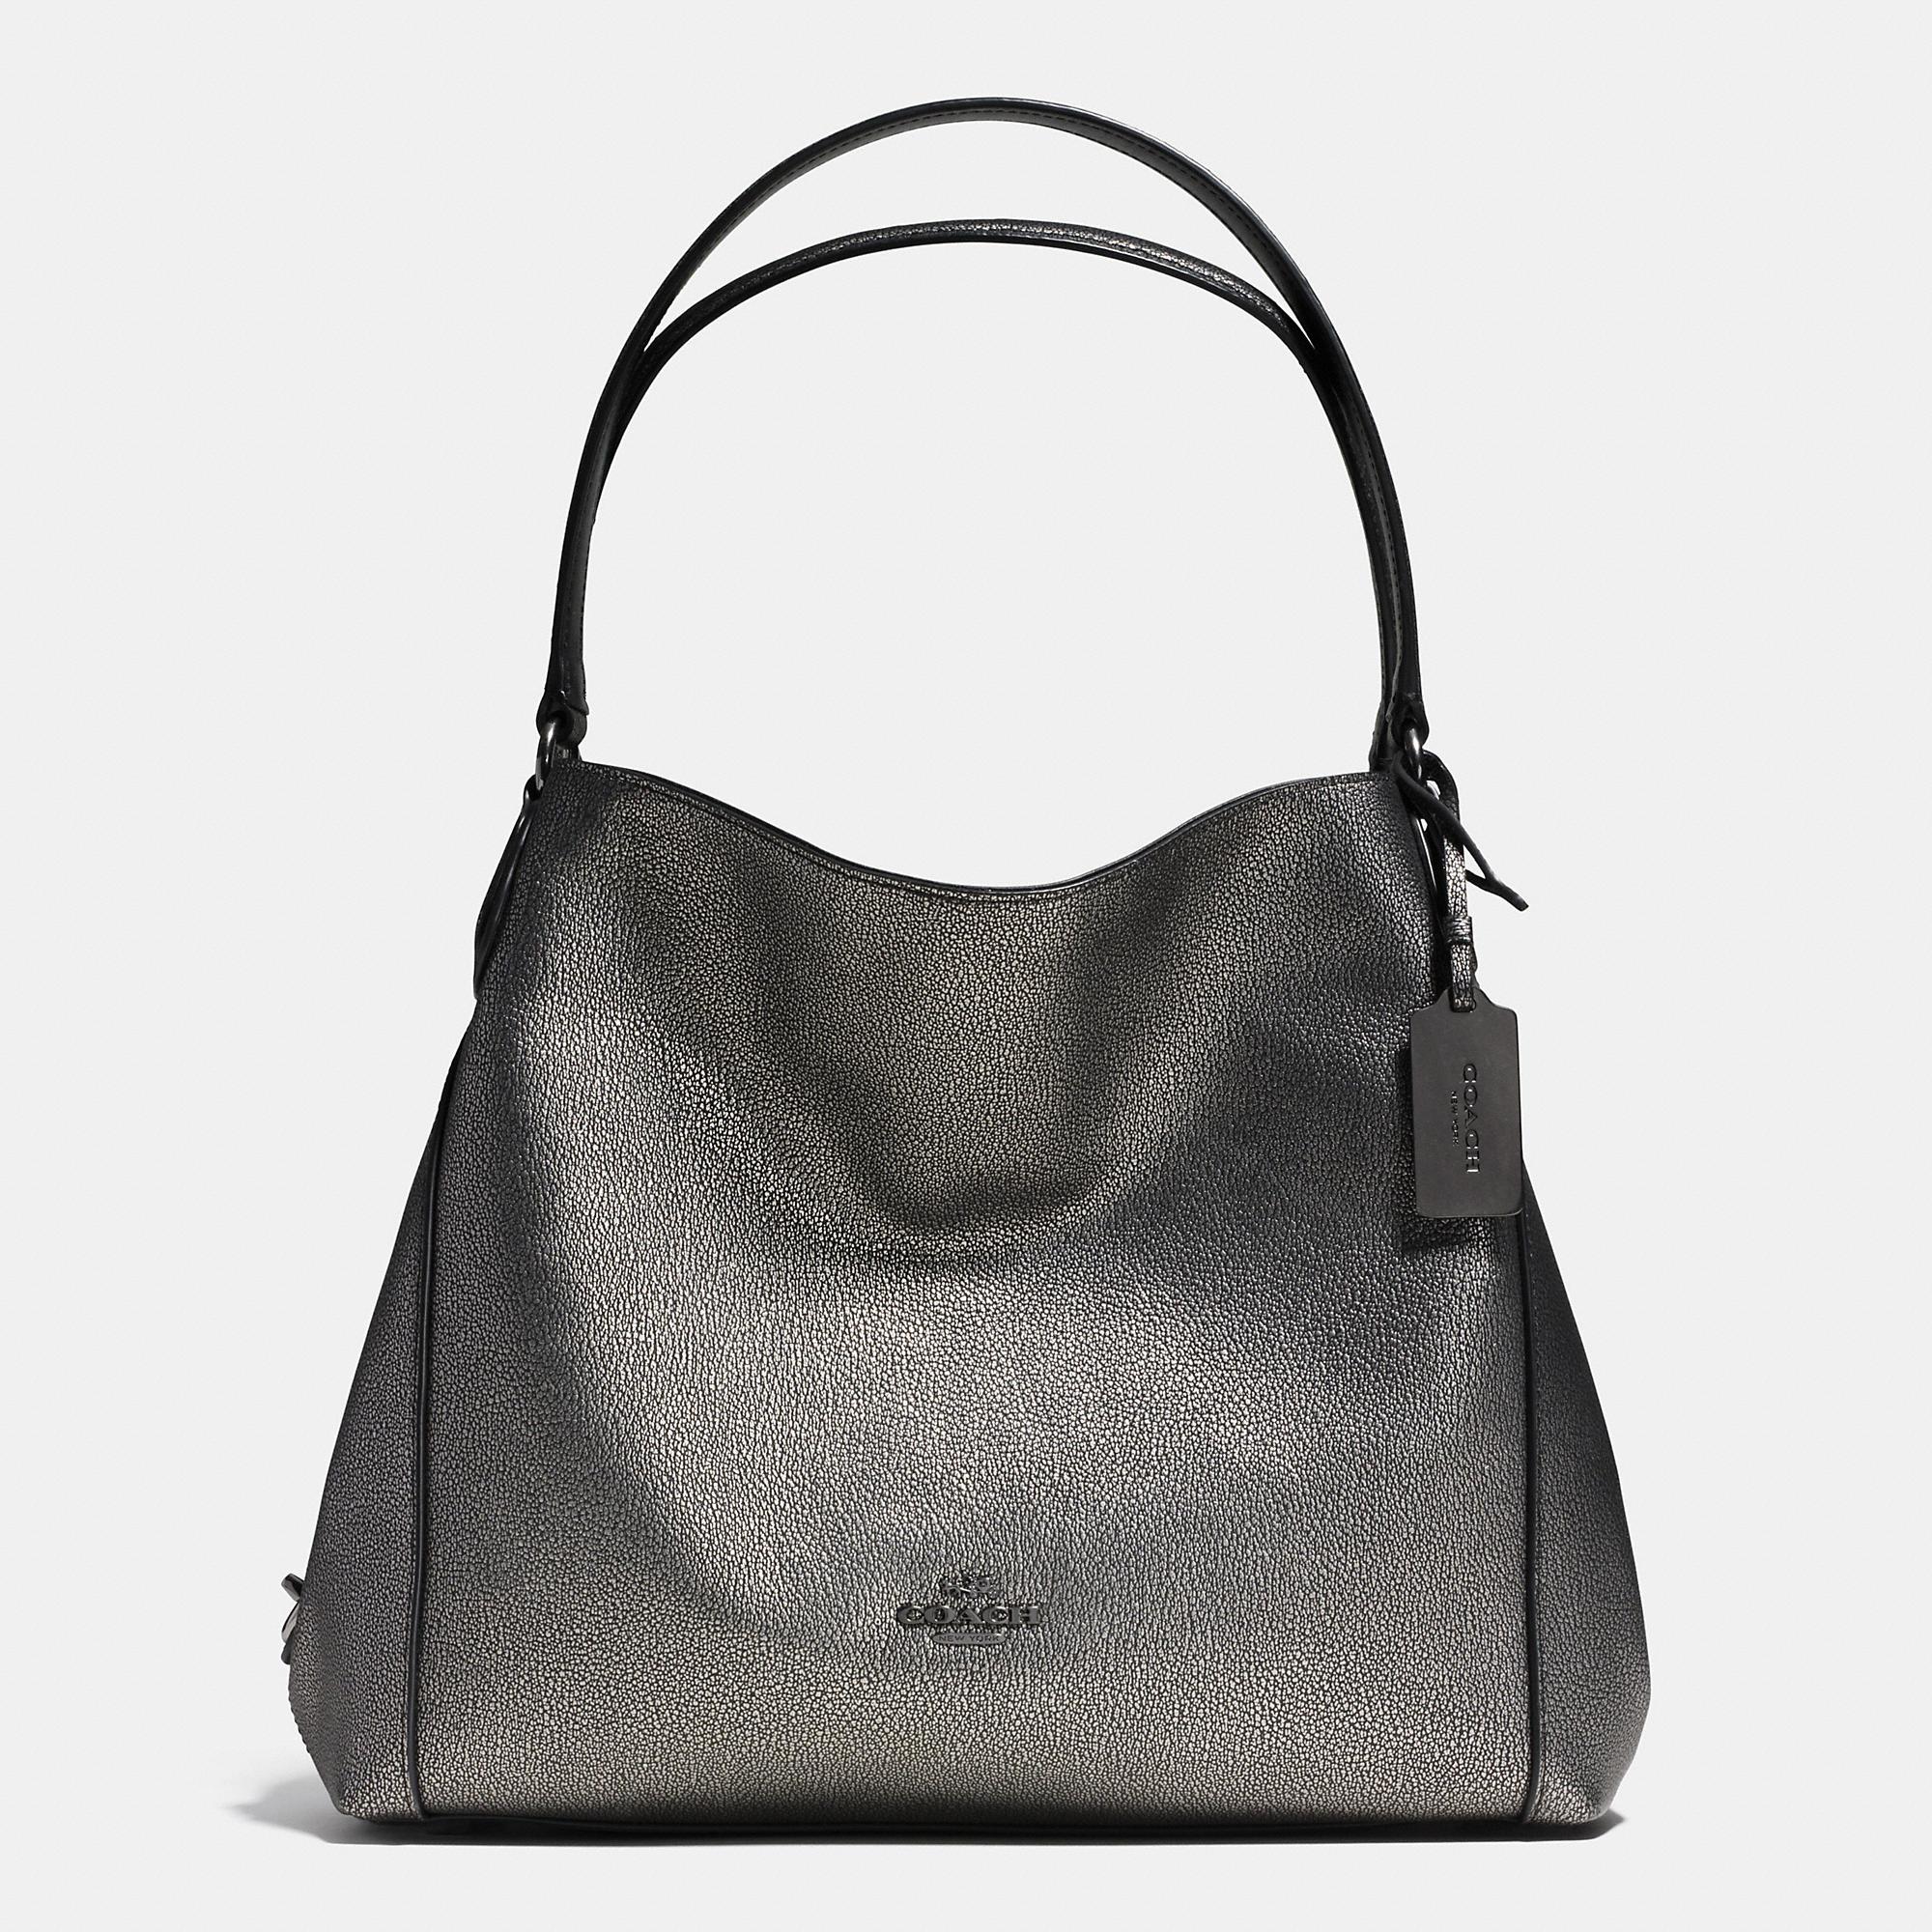 Coach Edie Shoulder Bag 31 In Metallic Pebble Leather in Black | Lyst